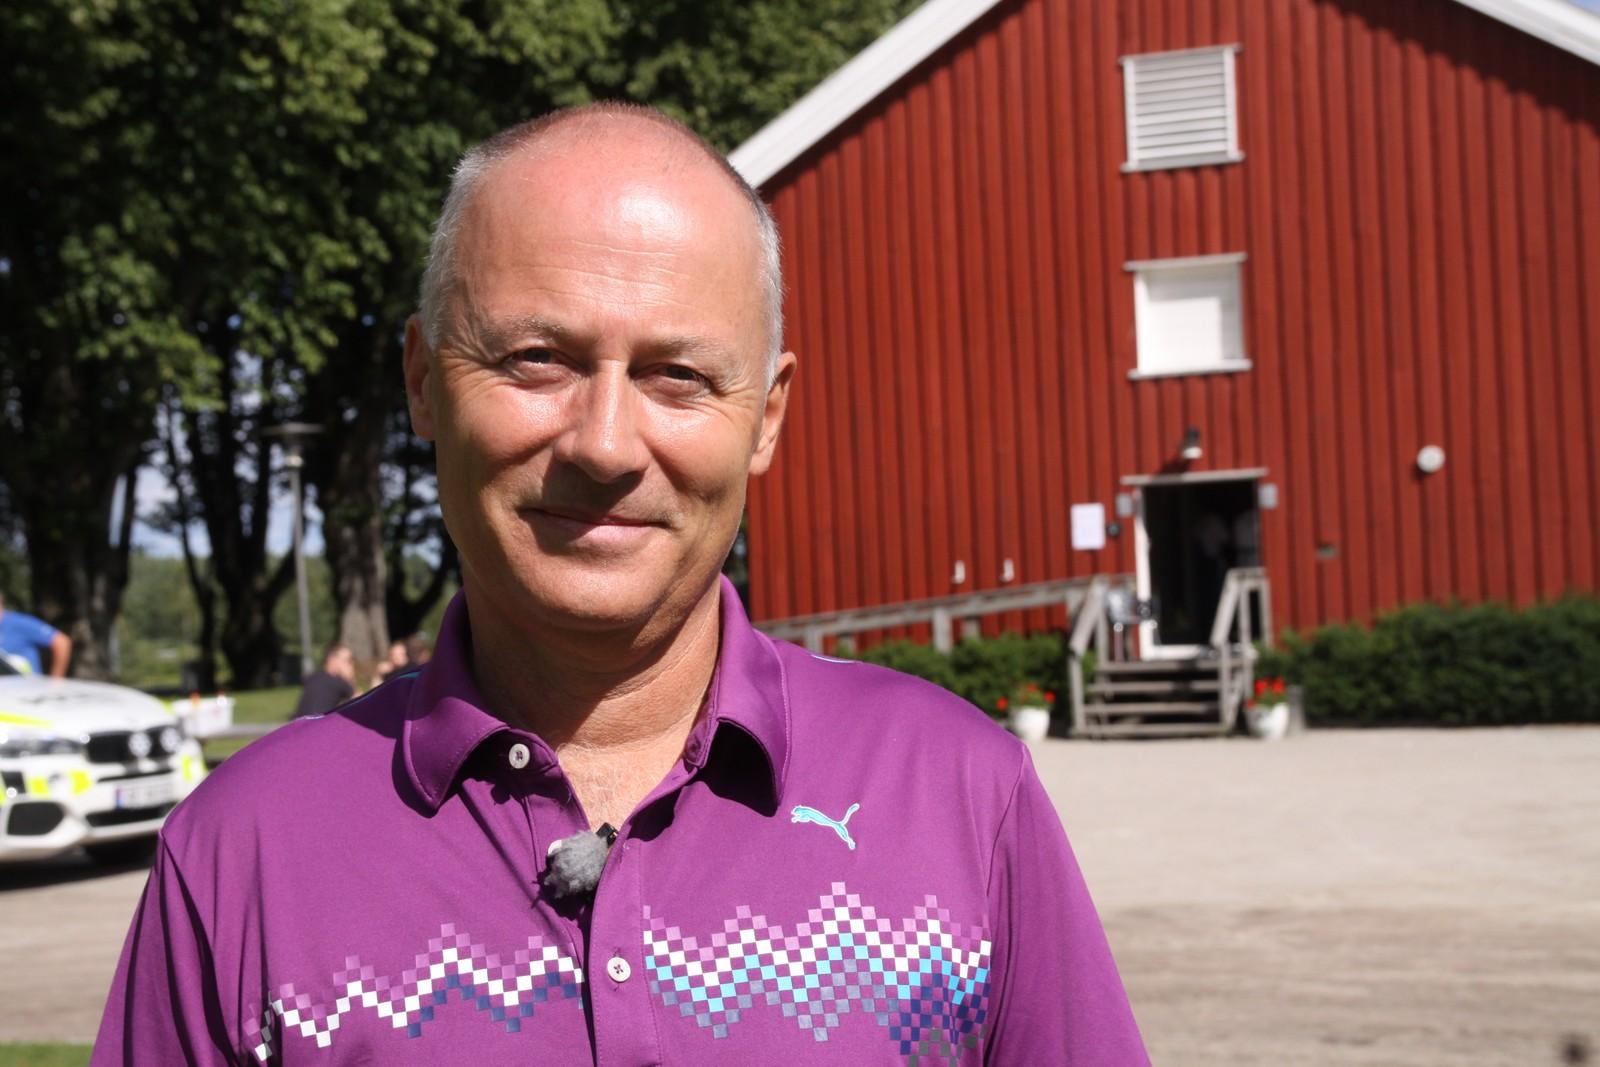 Jubileumssjef Svein Halvorsen er strålende fornøyd med feiringen så langt.